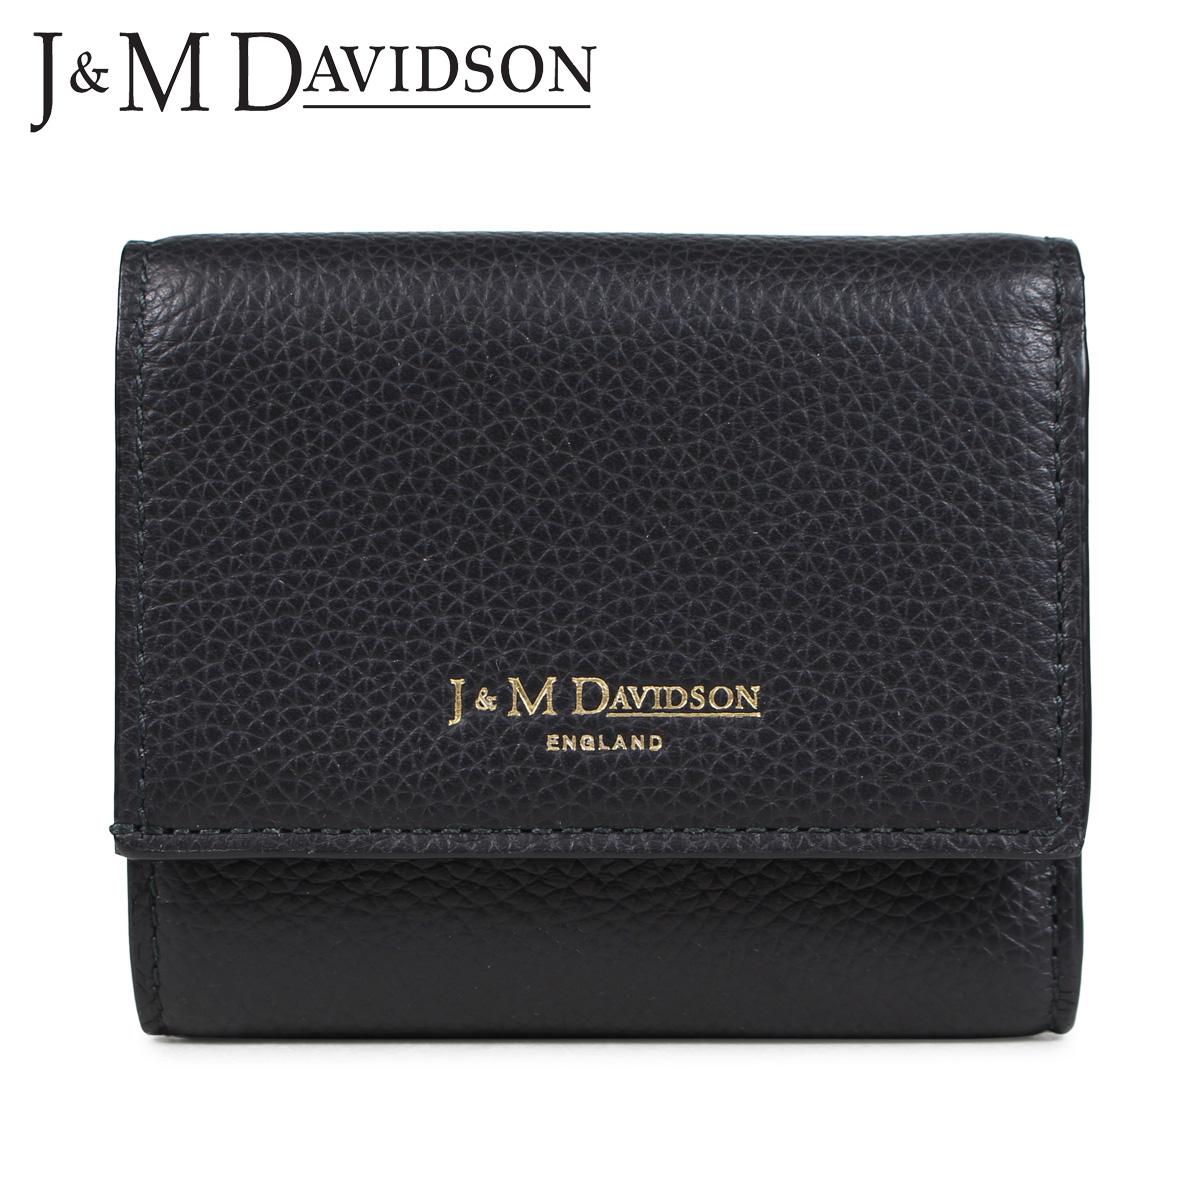 J&M DAVIDSON TWO FOLD WALLET ジェイアンドエムデヴィッドソン 財布 三つ折り レディース レザー ブラック 黒 10149-7470